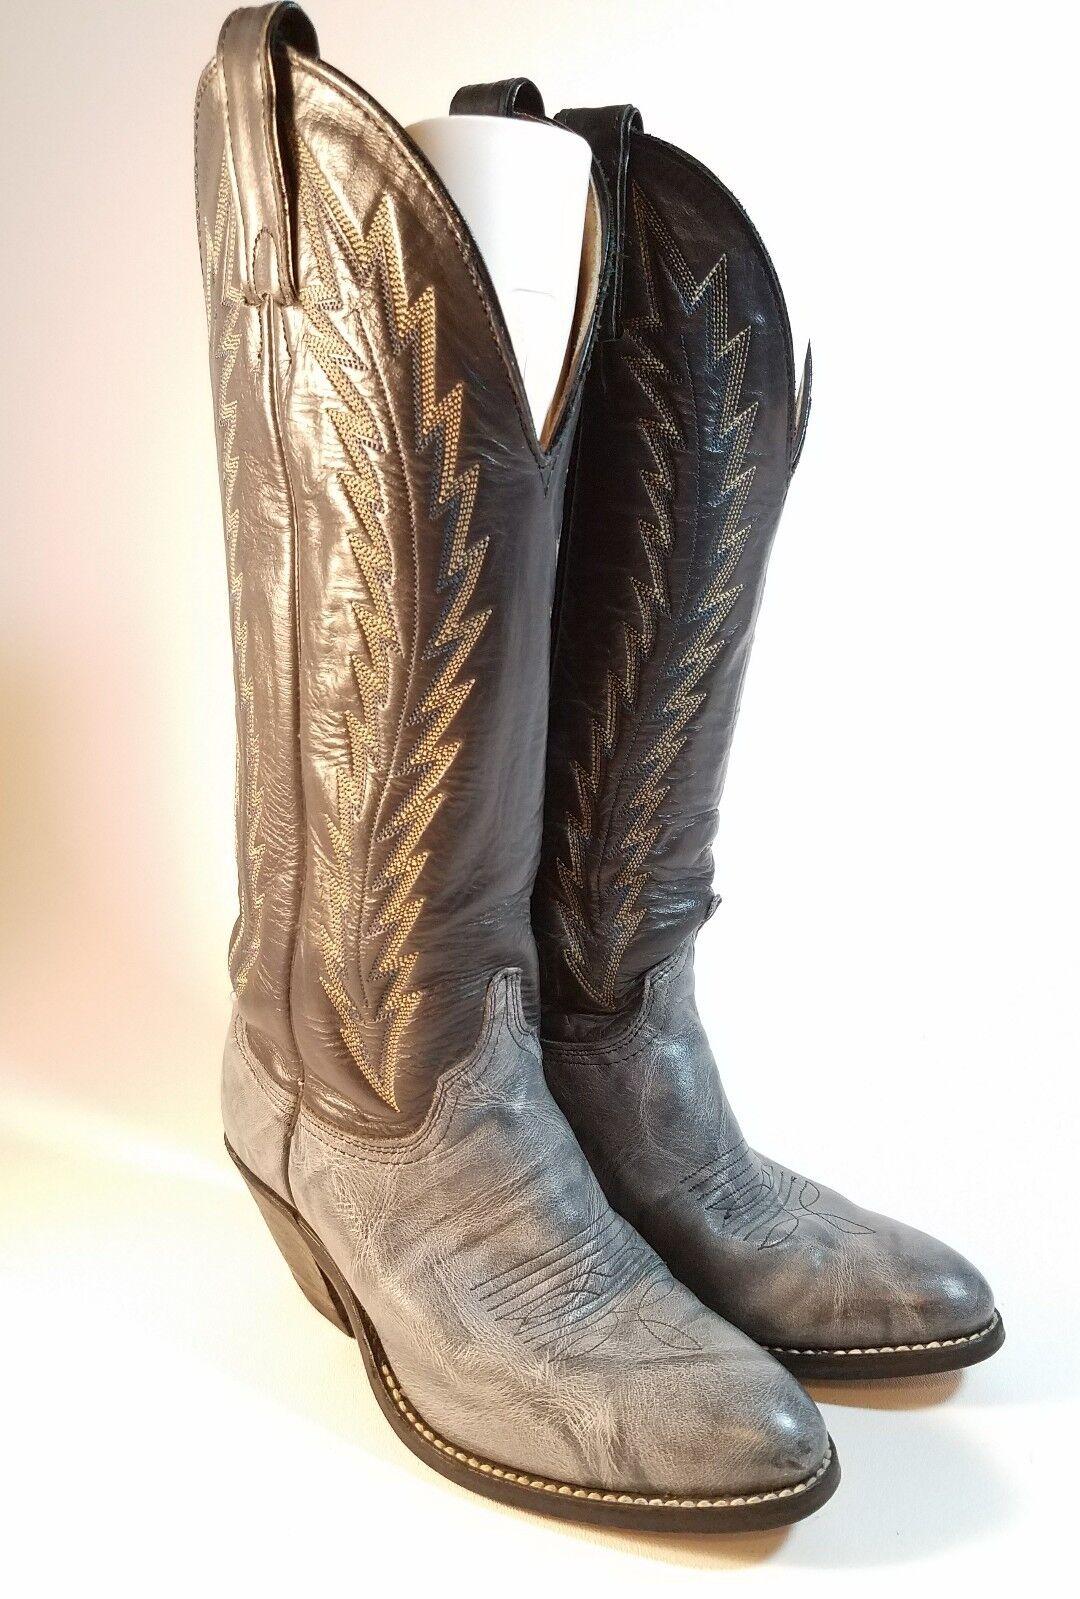 Vintage ABILENE Woman's Navy Blau Tall Shaft Leder Western Cowboy Stiefel Sz 5 M